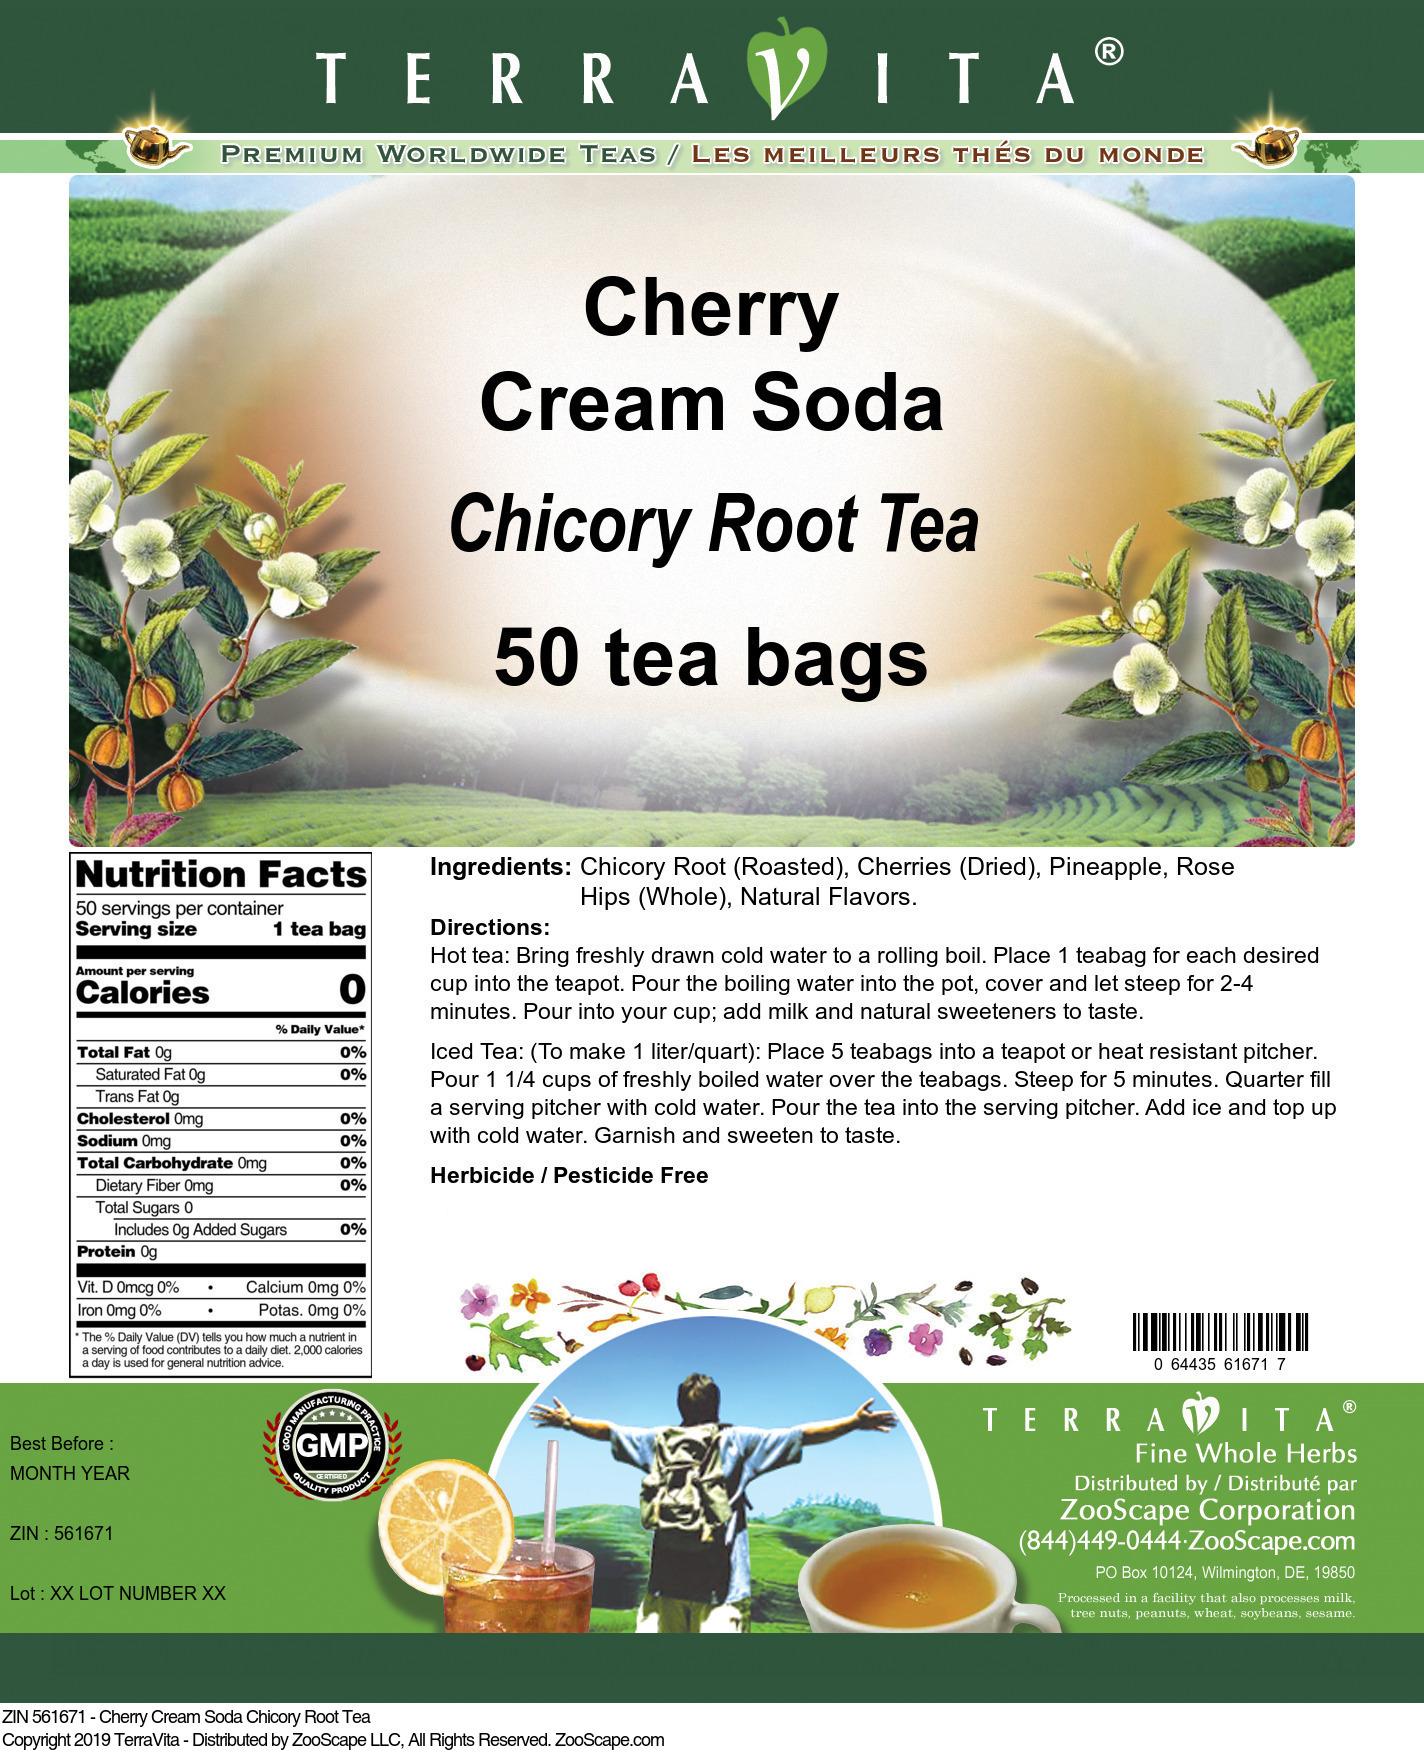 Cherry Cream Soda Chicory Root